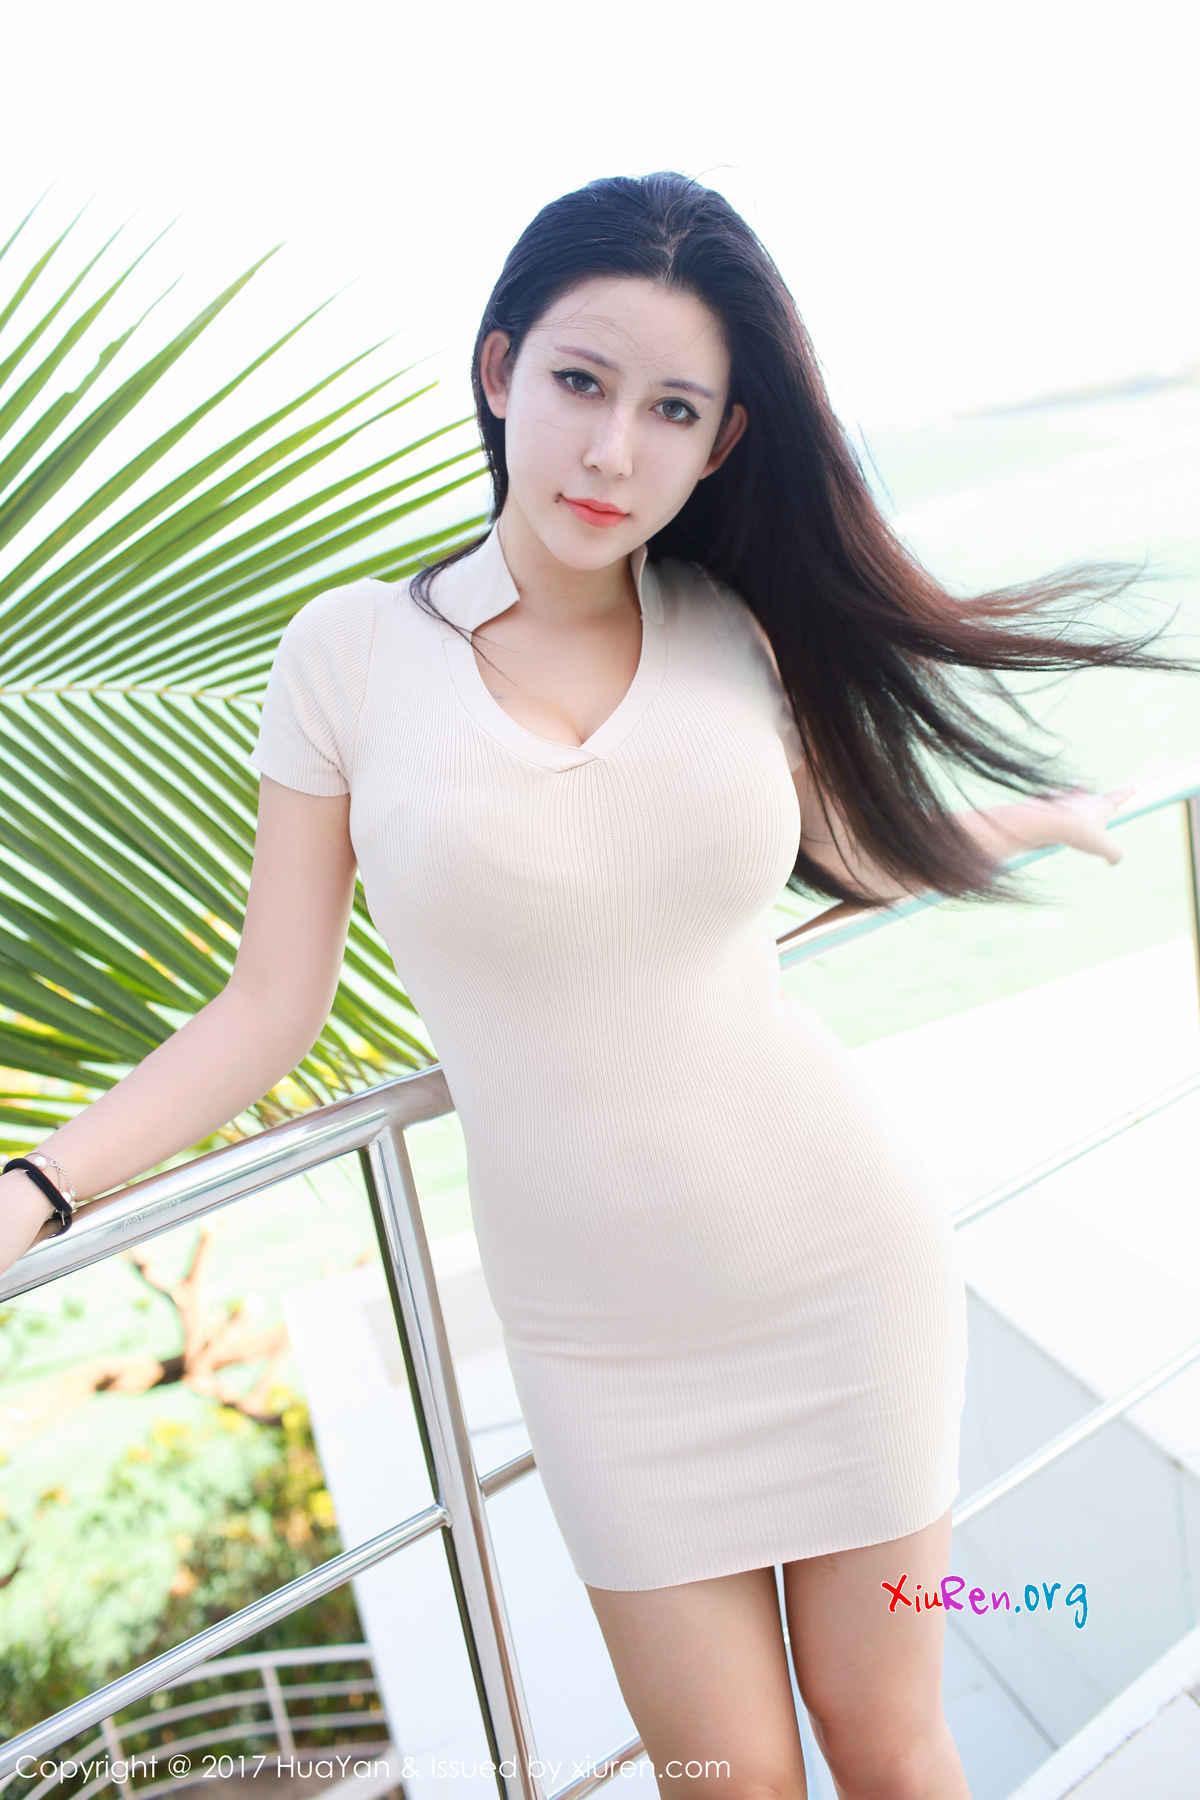 Image Result For Xiuren Photo